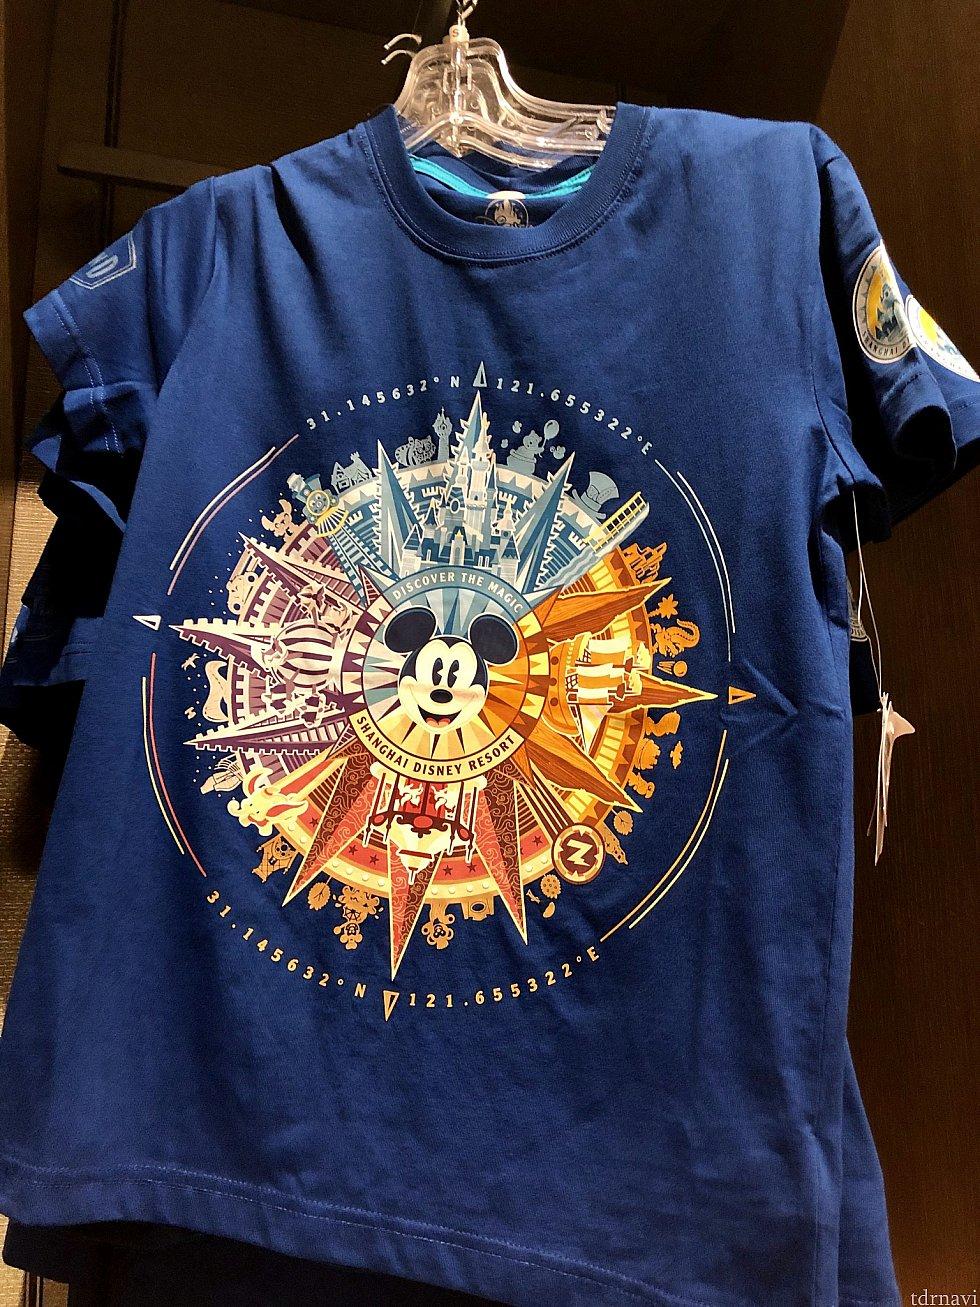 大人用Tシャツ 149元。よく見ると、ダッフィーやプーさん、スティッチもいます